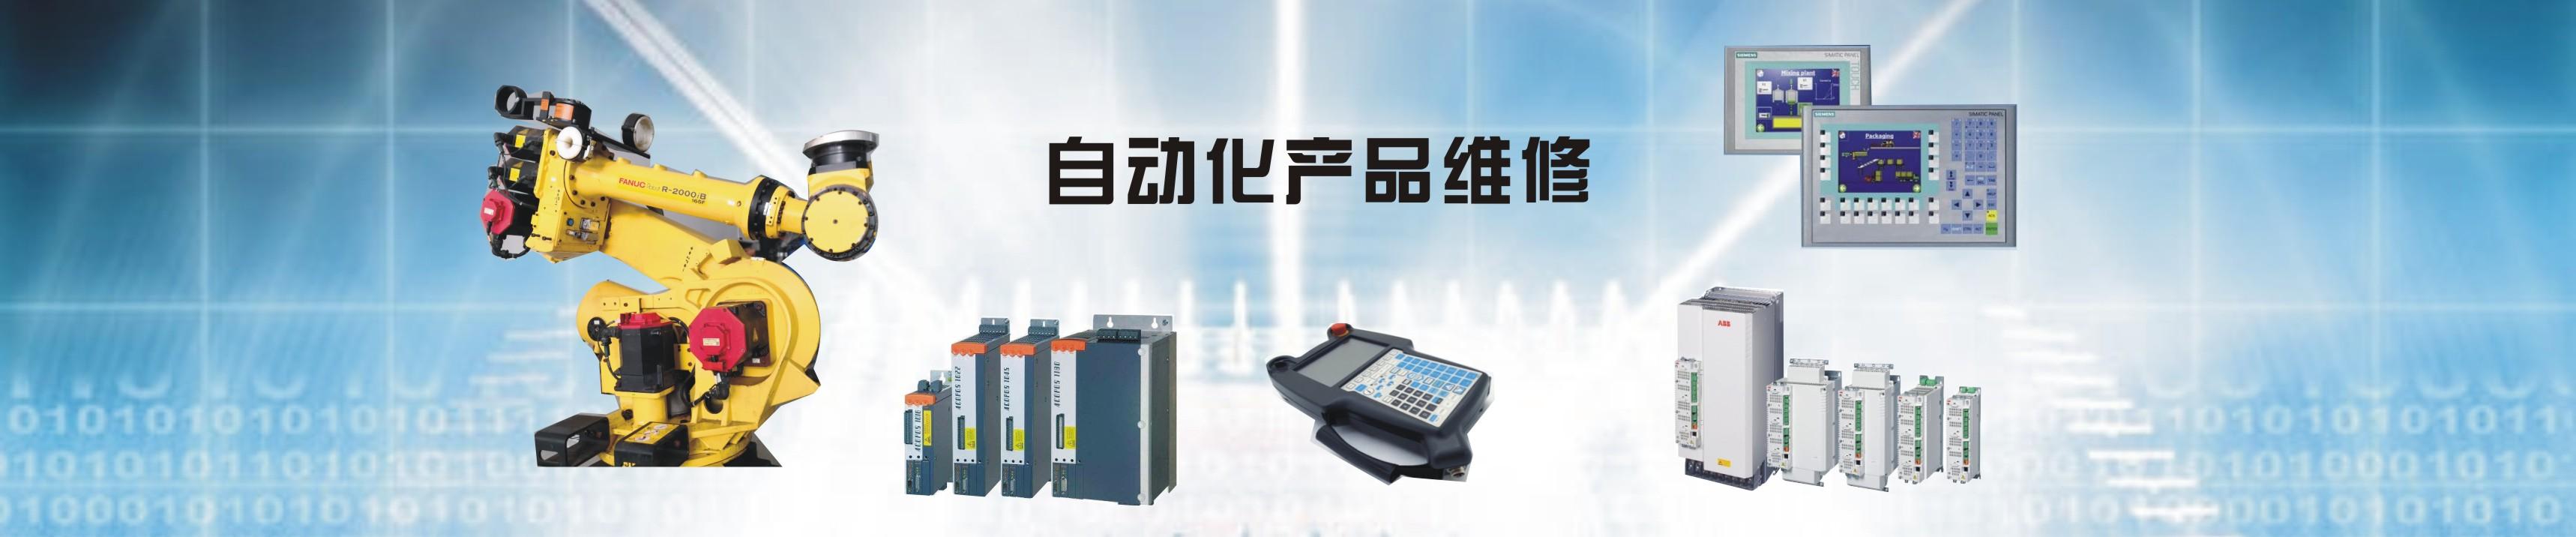 广州友仪机电设备有限公司